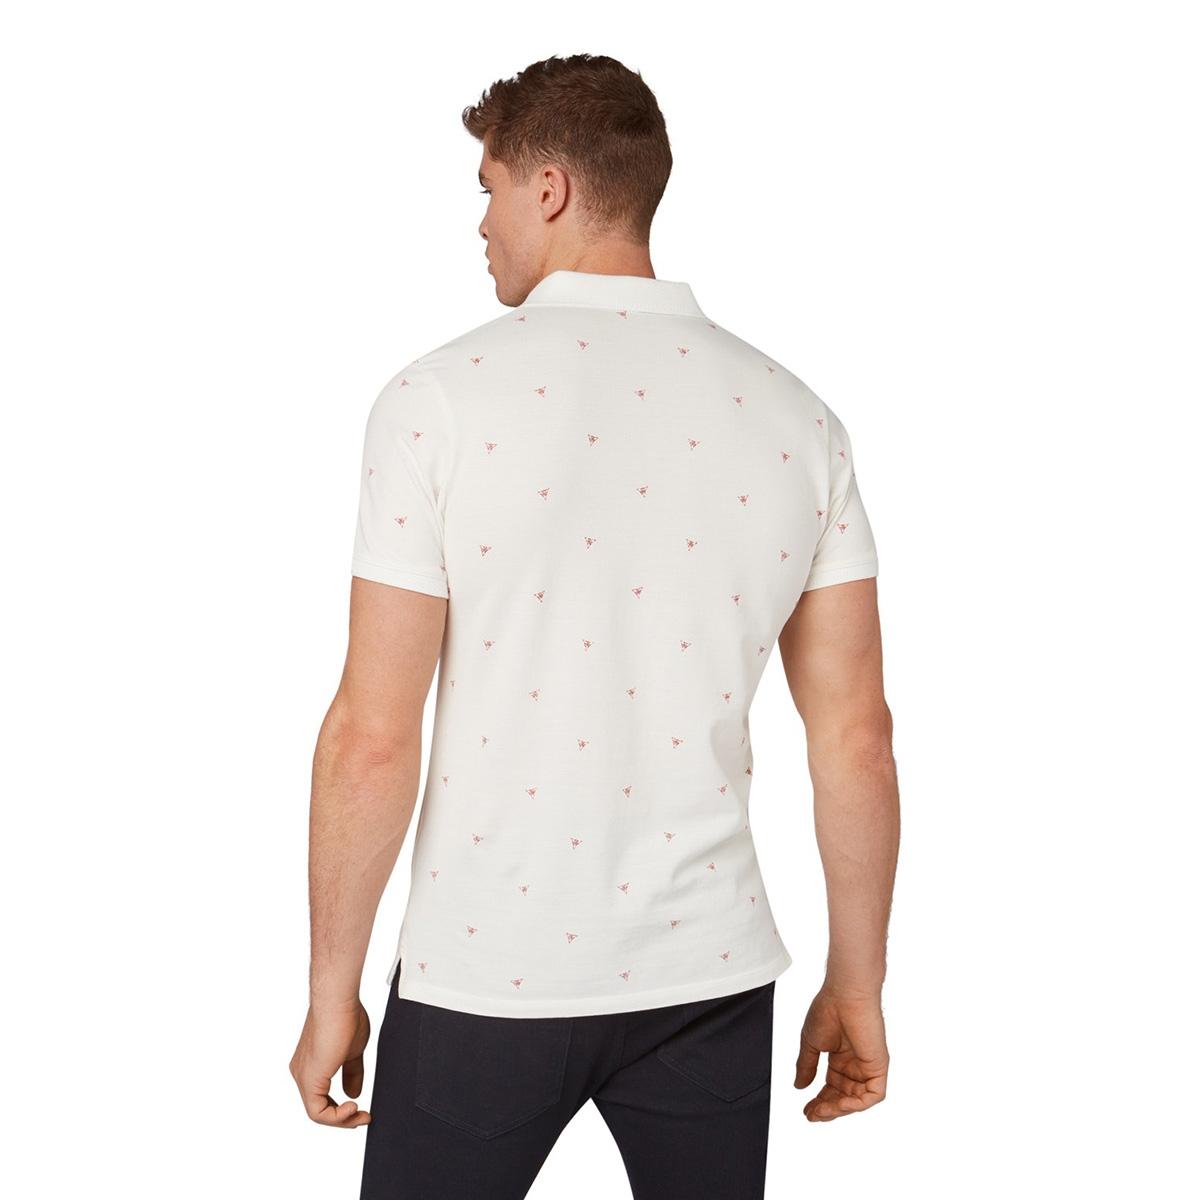 polo shirt met allover print 1012858xx10 tom tailor polo 19051